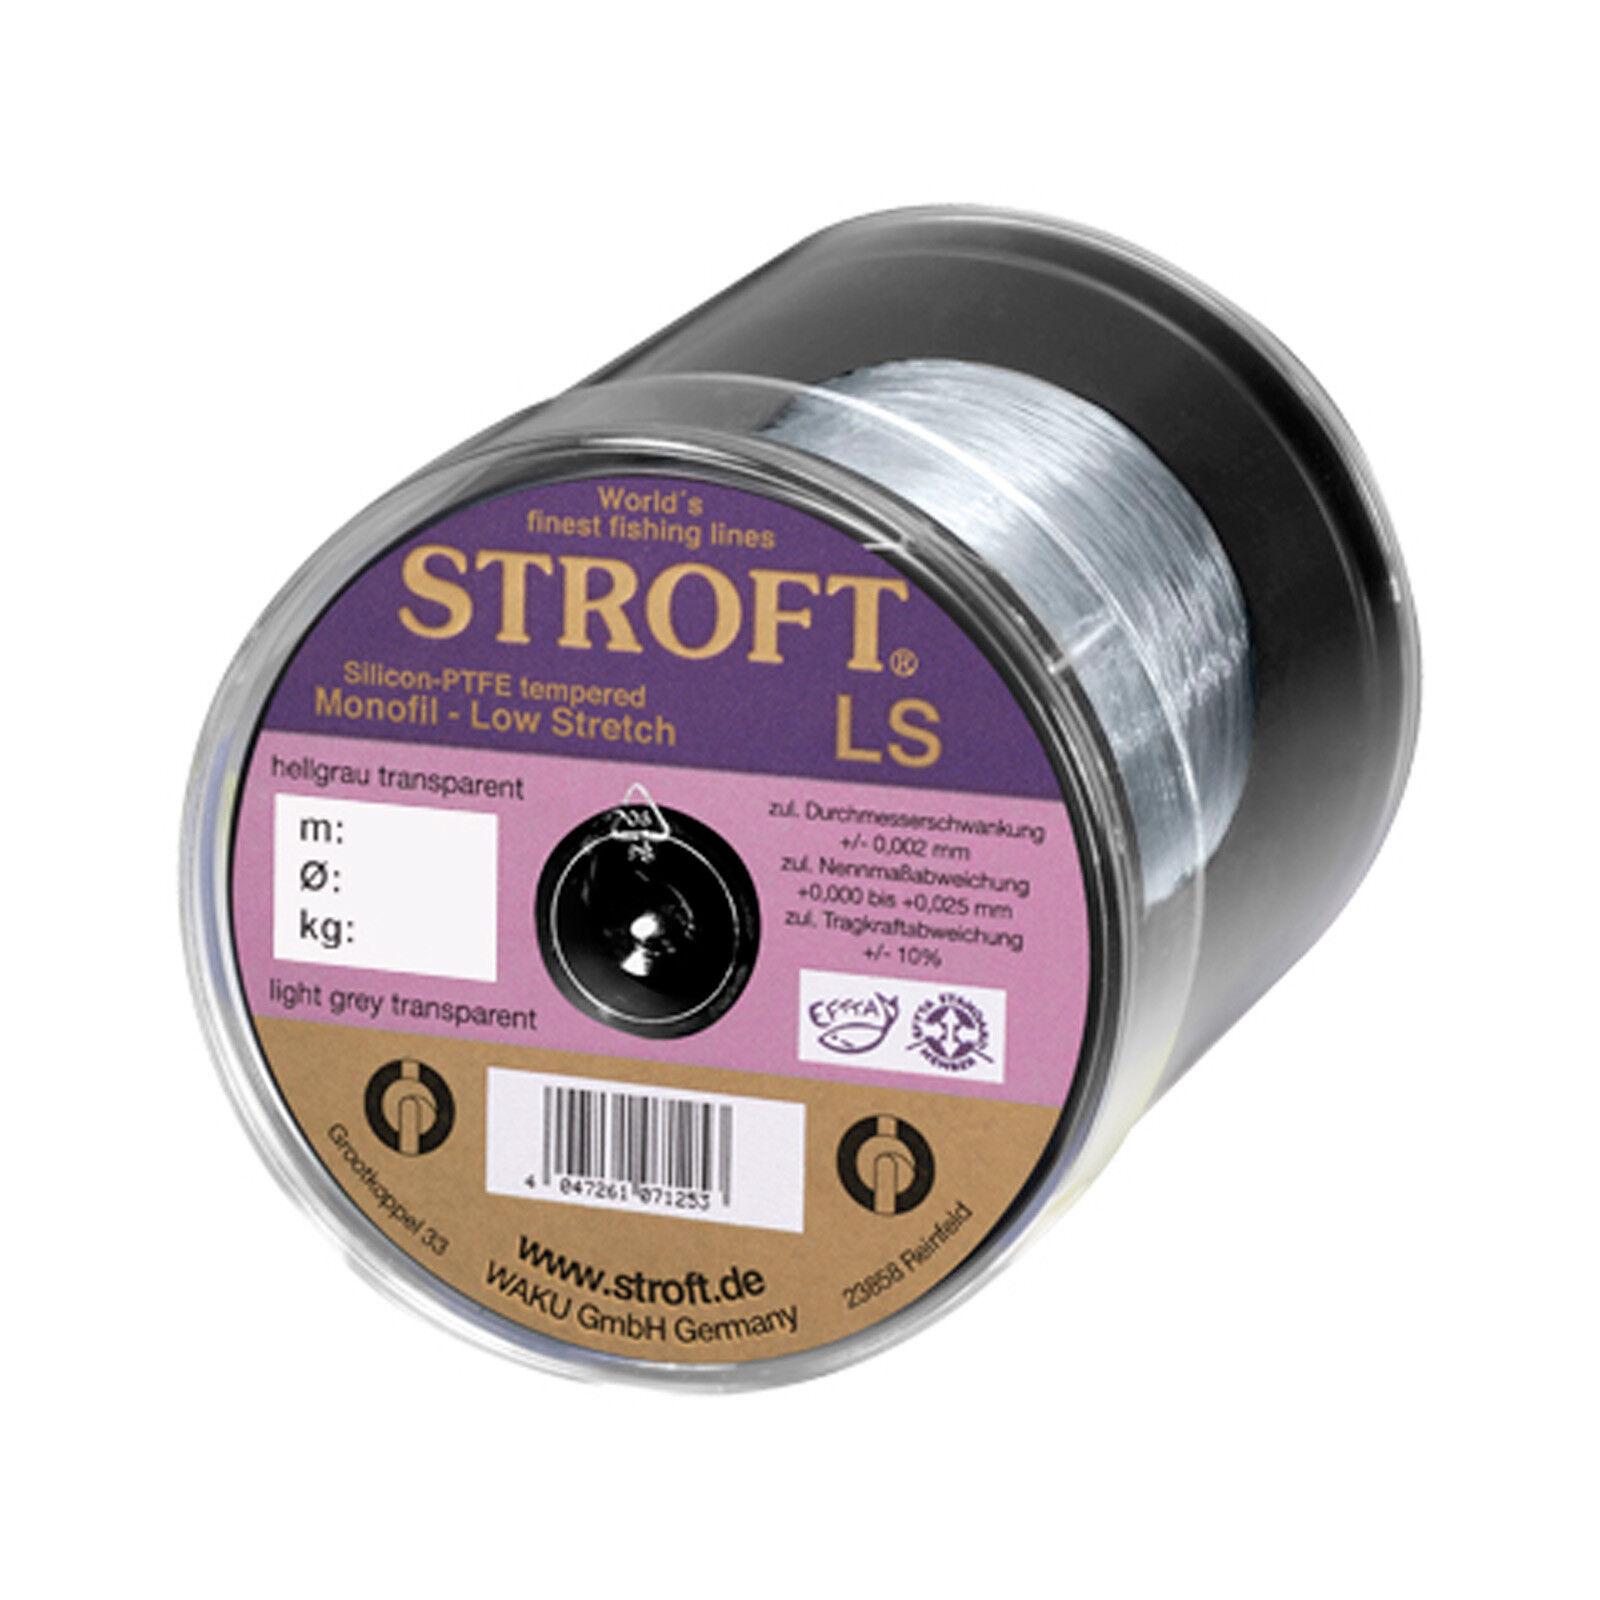 (0,06EUR/m) Stroft Monofile AngeStroft LSchnur - Stroft LS LS LS 0,25mm 6,5kg 500m 378565